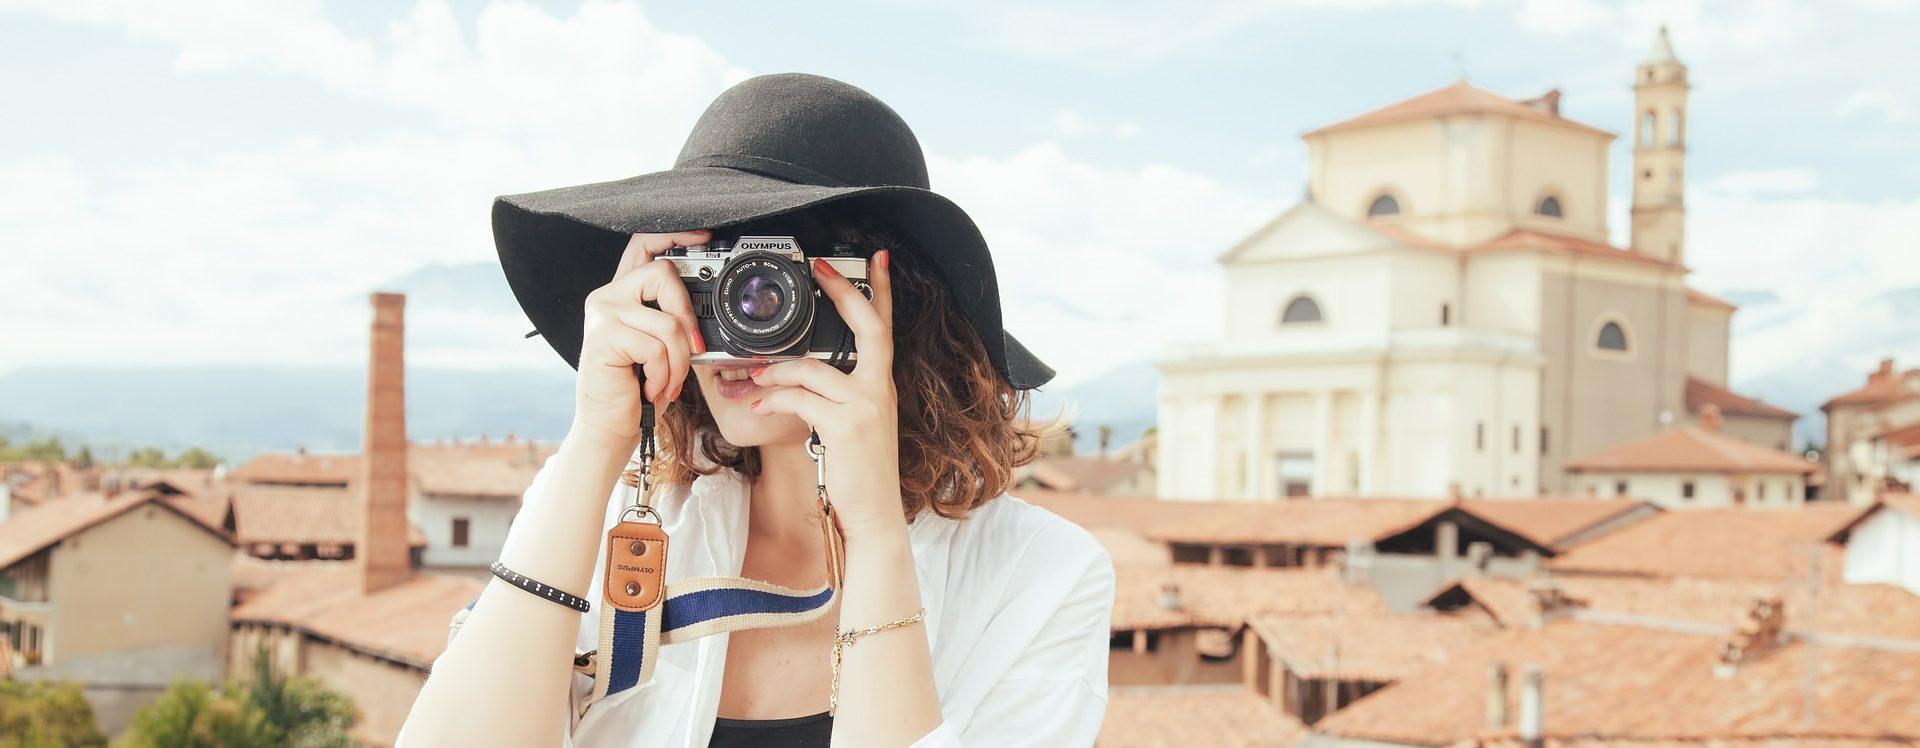 photographer-travel